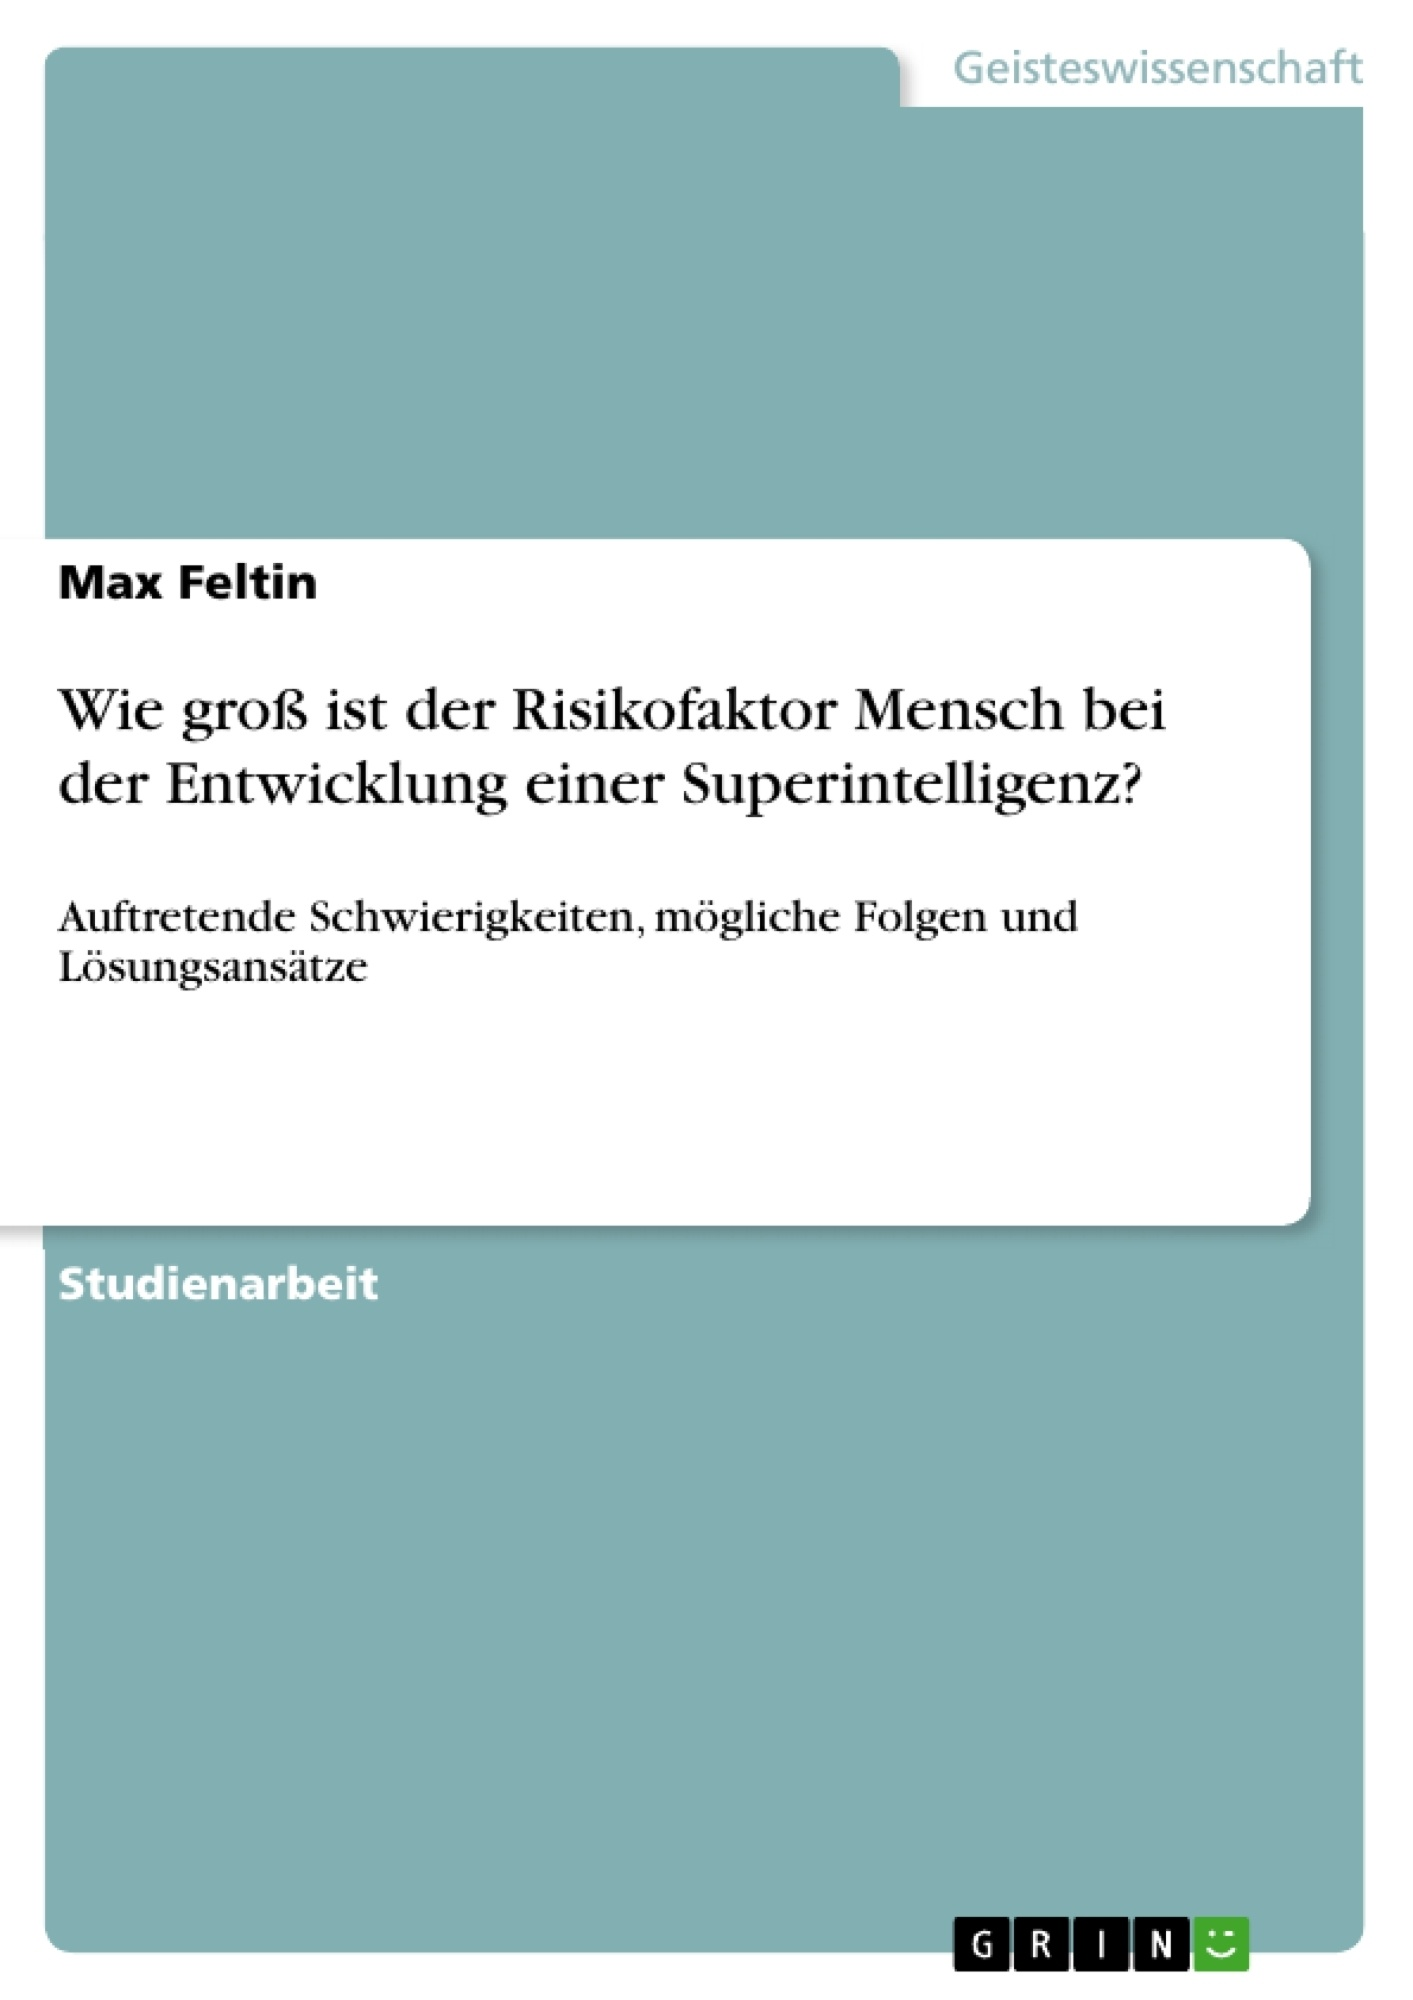 Titel: Wie groß ist der Risikofaktor Mensch bei der Entwicklung einer Superintelligenz?